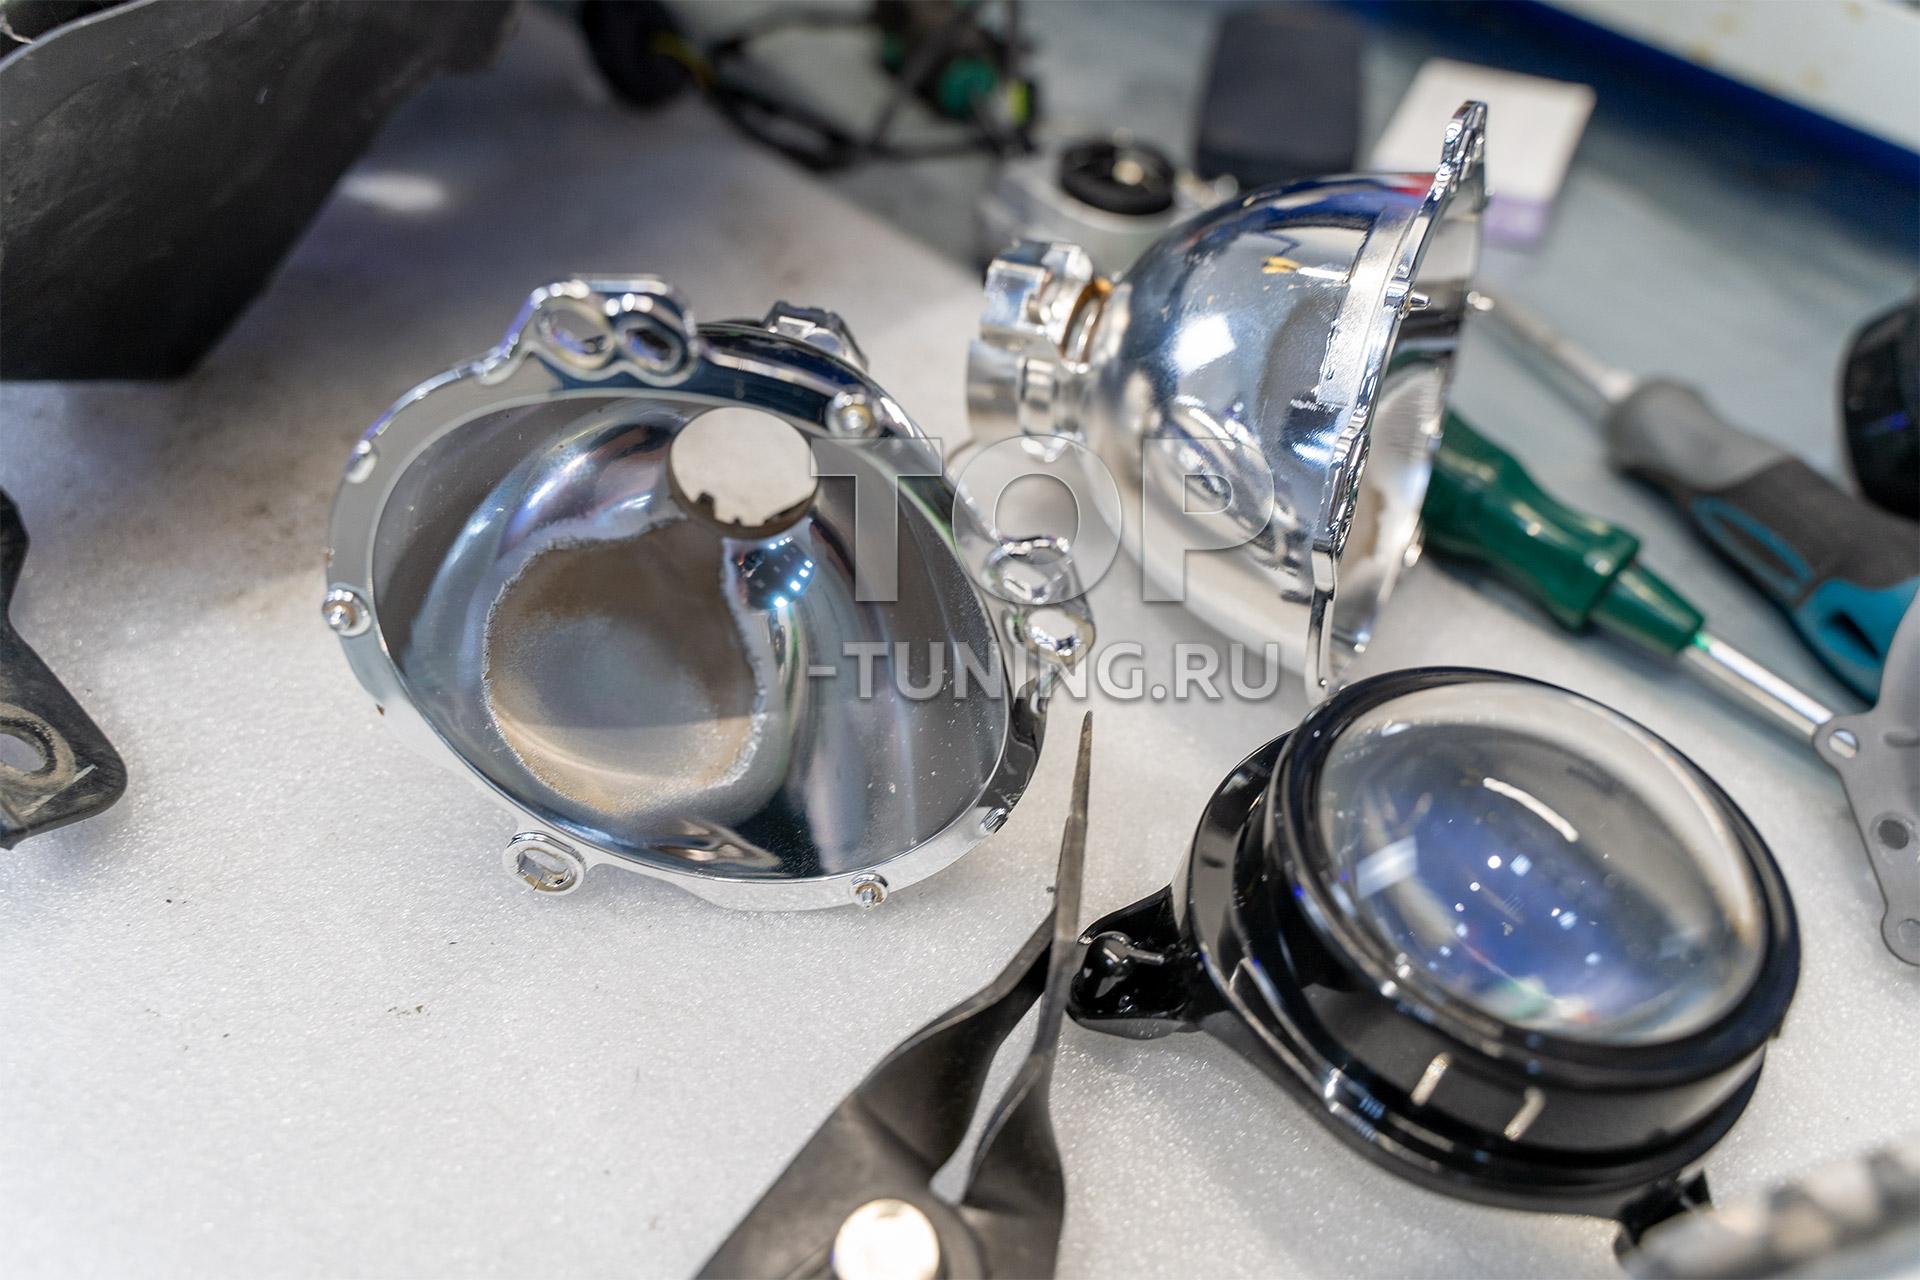 104163 Супер свет в Паджеро 4 - Большой обзор